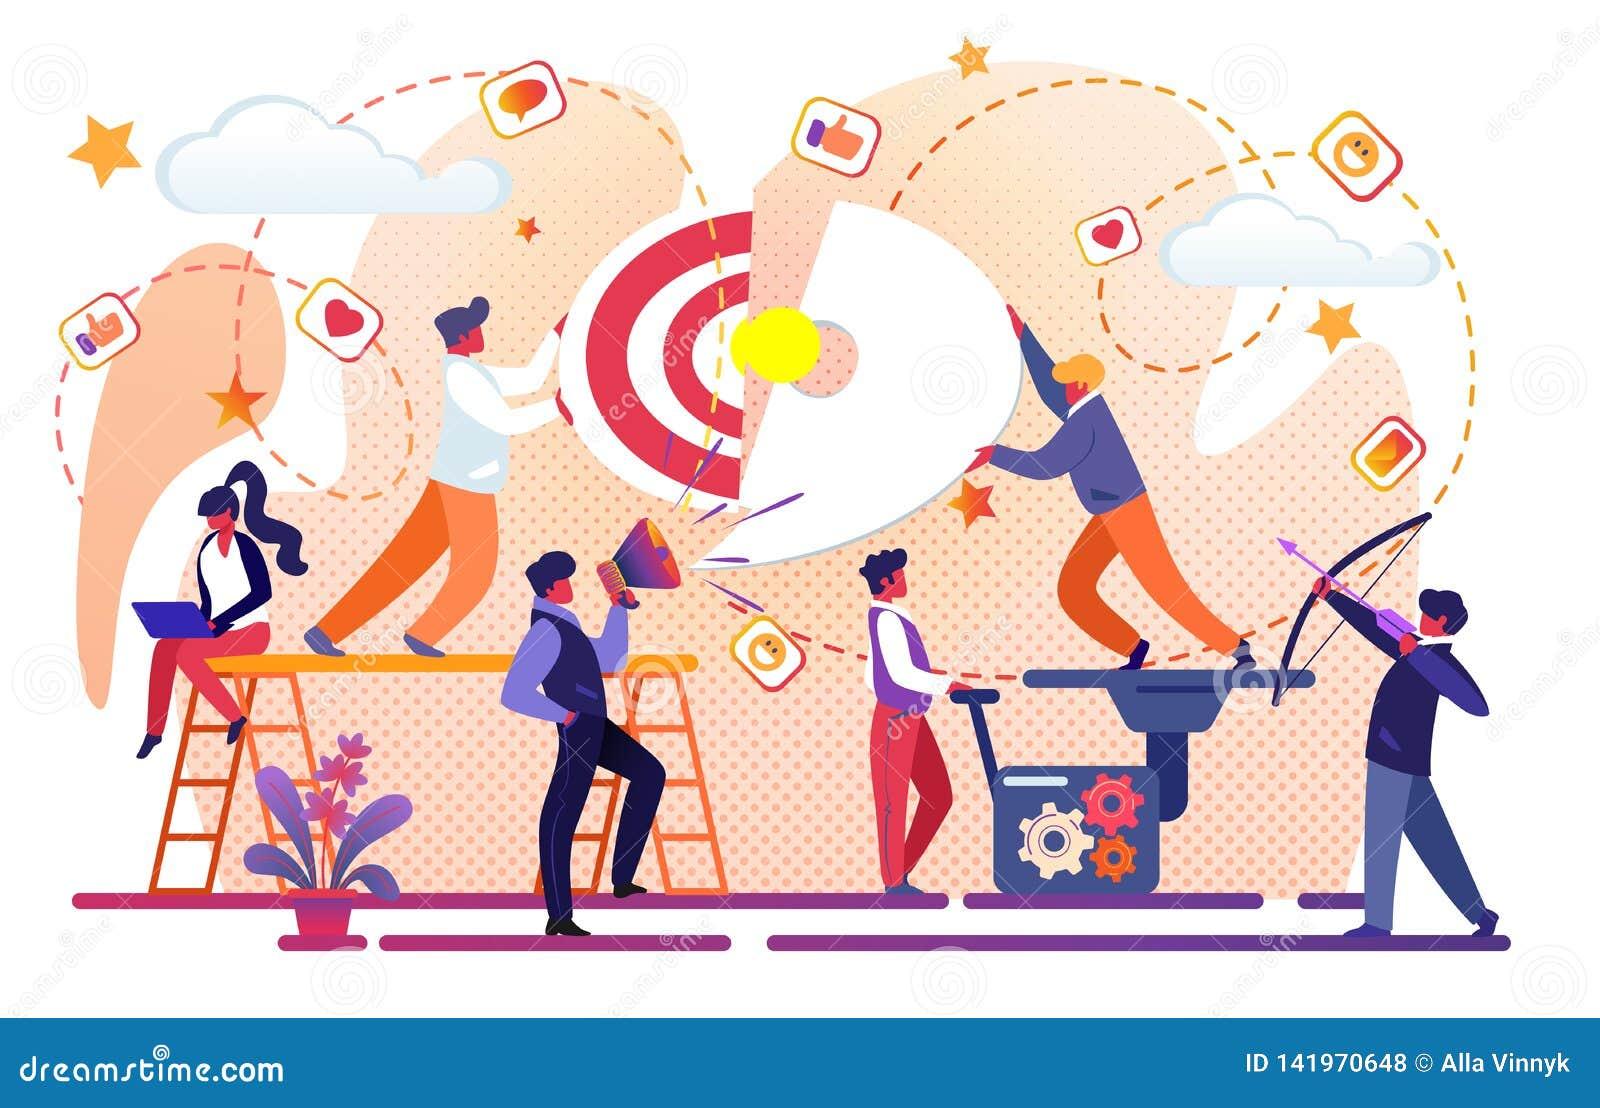 Idée créative de réussite commerciale Travail d équipe de bureau